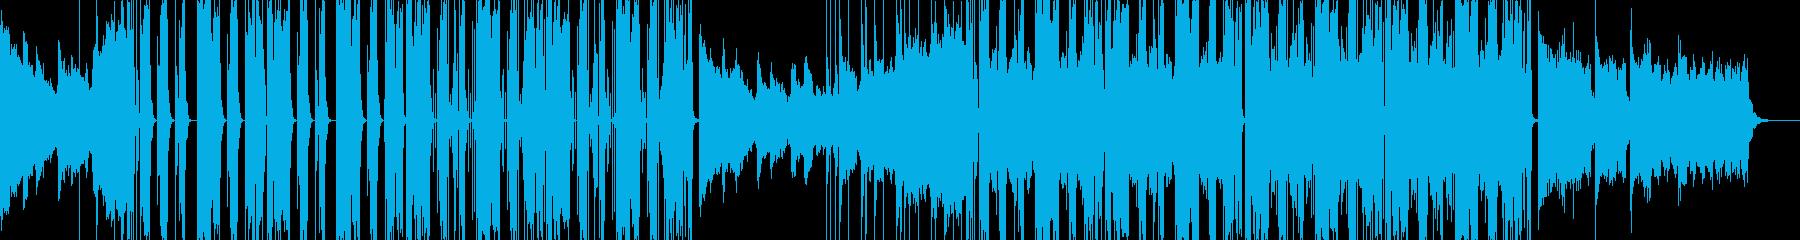 Futubass01V1の再生済みの波形